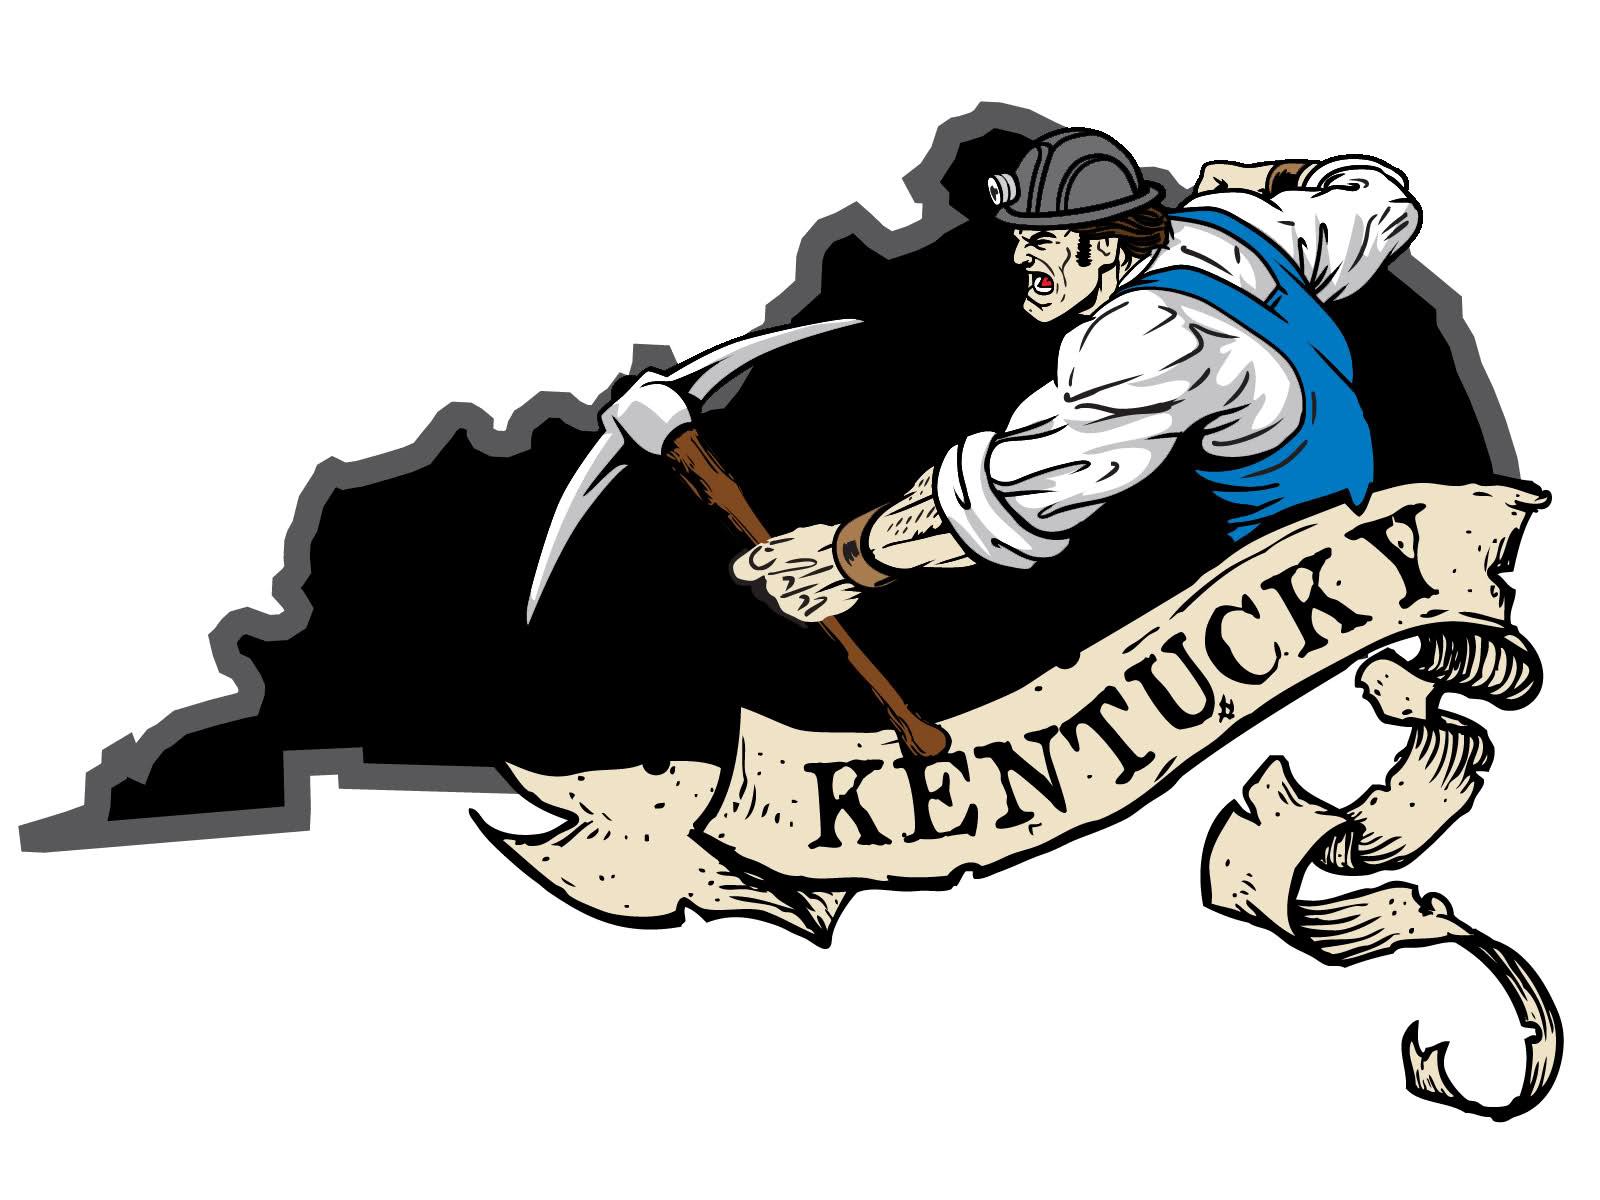 Kentucky Coal Mining Decals / Stickers 2-Kentucky Coal Mining Decals / Stickers 2.5-17